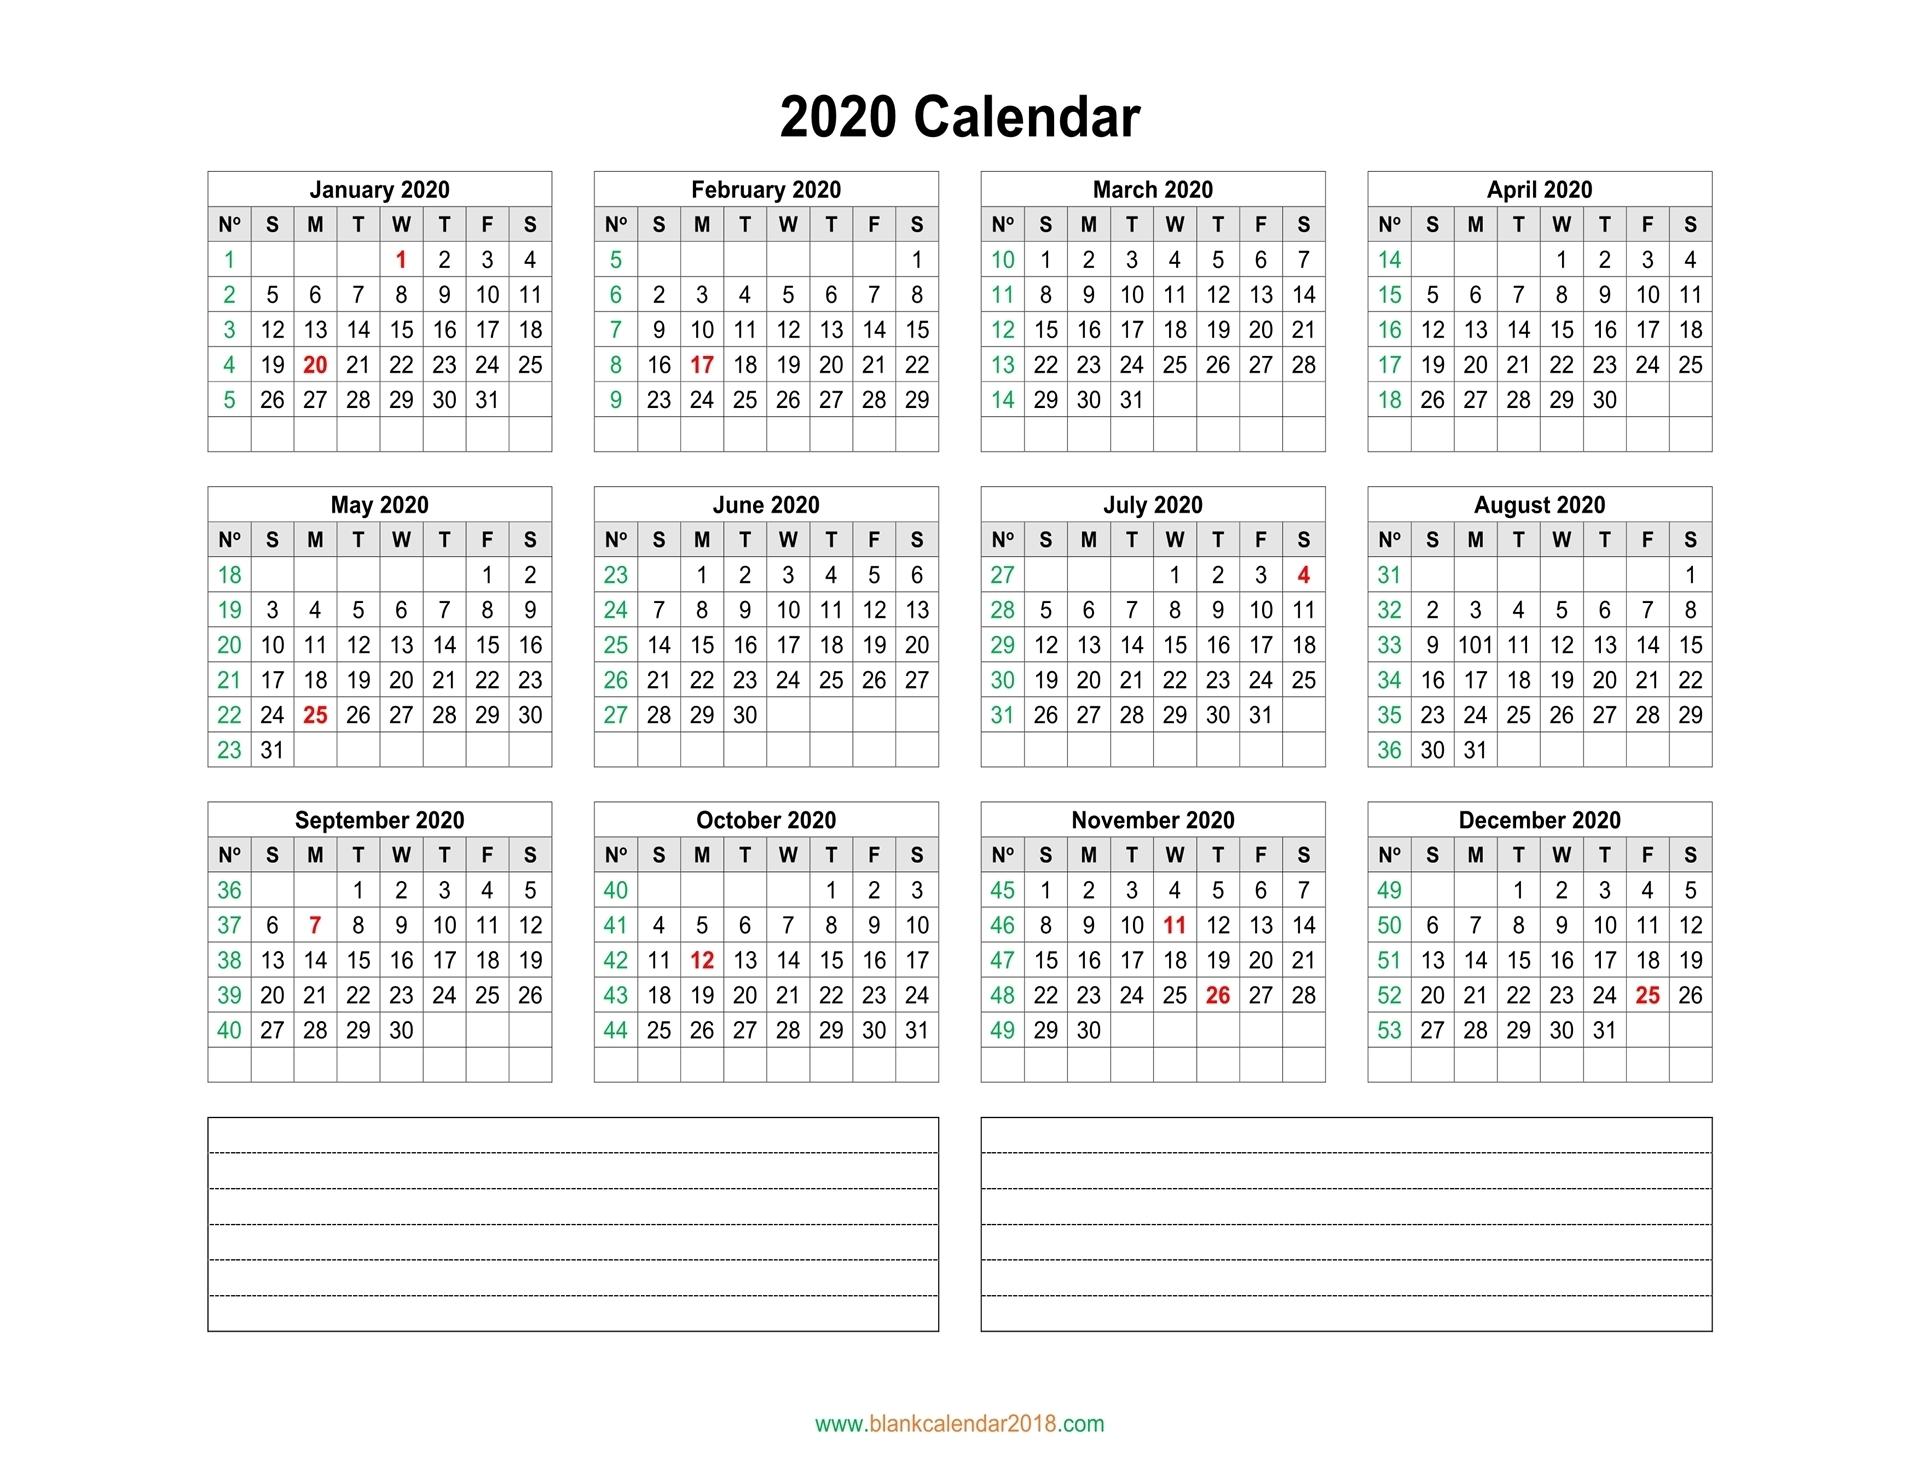 Blank Calendar 2020 with regard to 2020 Calendar With Week Numbers Printable